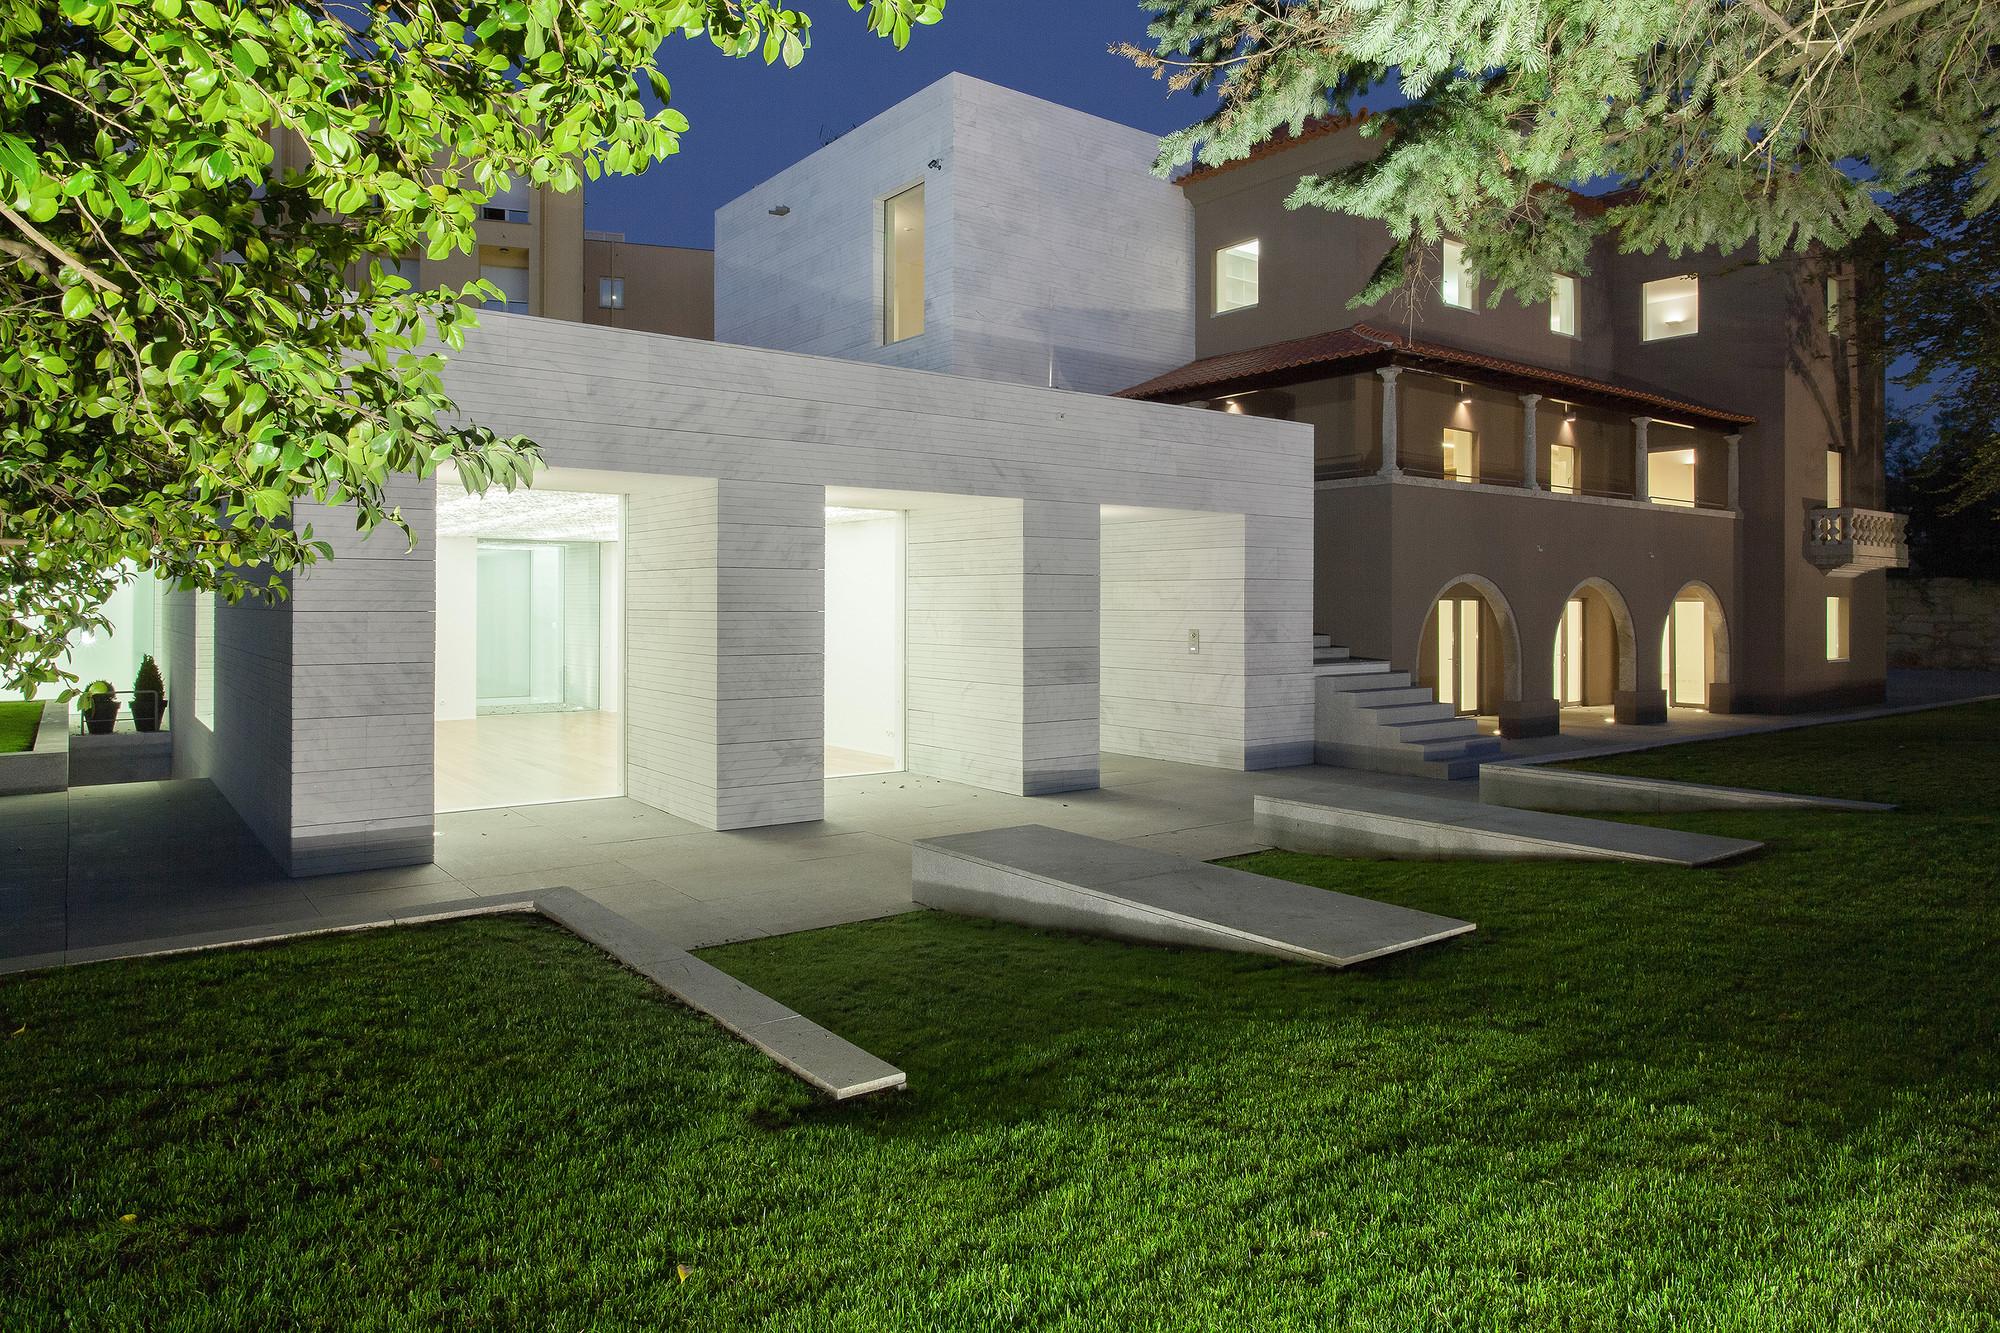 Centro social Luz Soriano  / ARQX Architects, © Sonia Arrepia